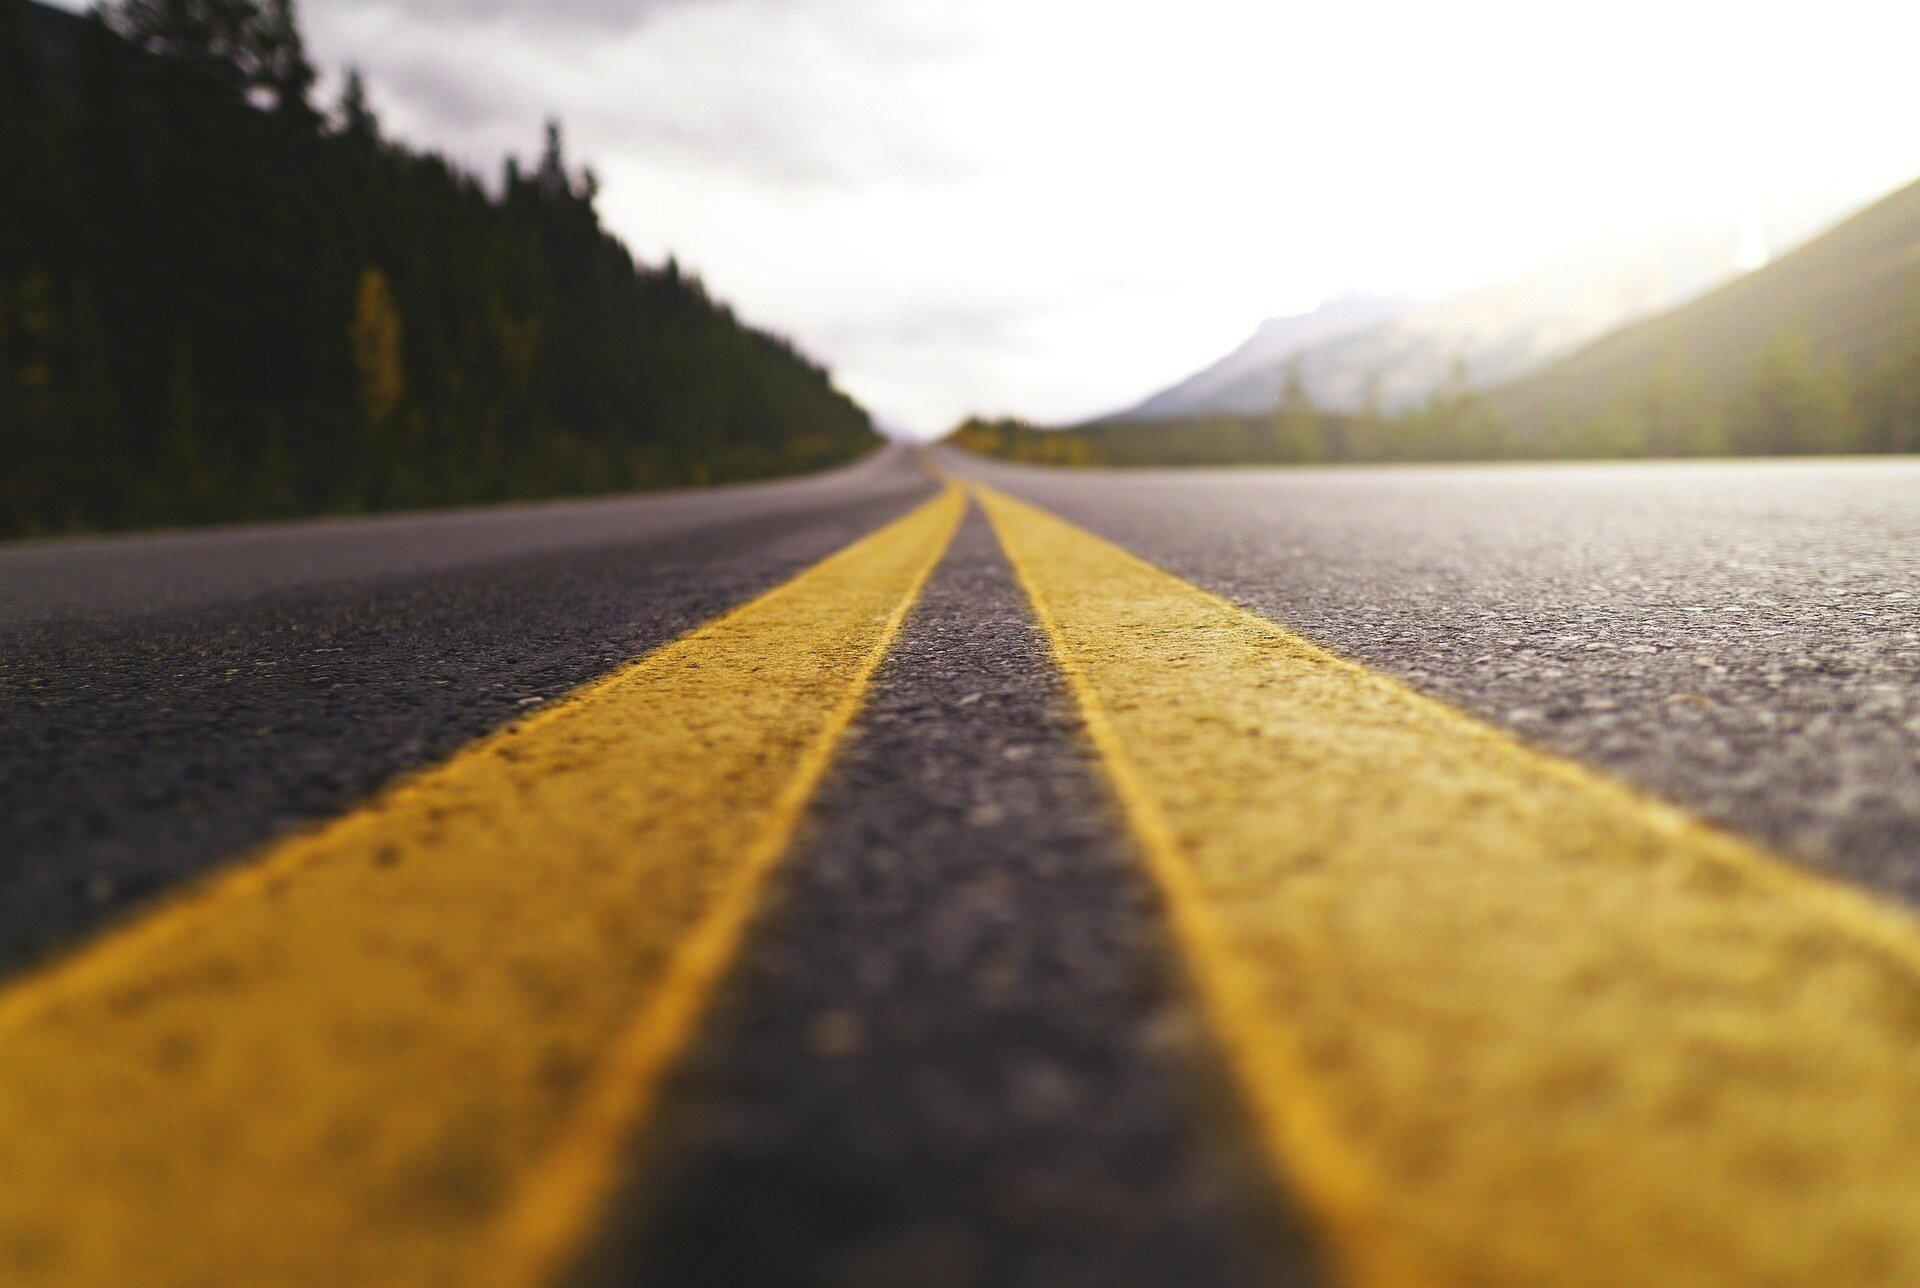 Укравтодор запланировал ряд реформ дорожной отрасли